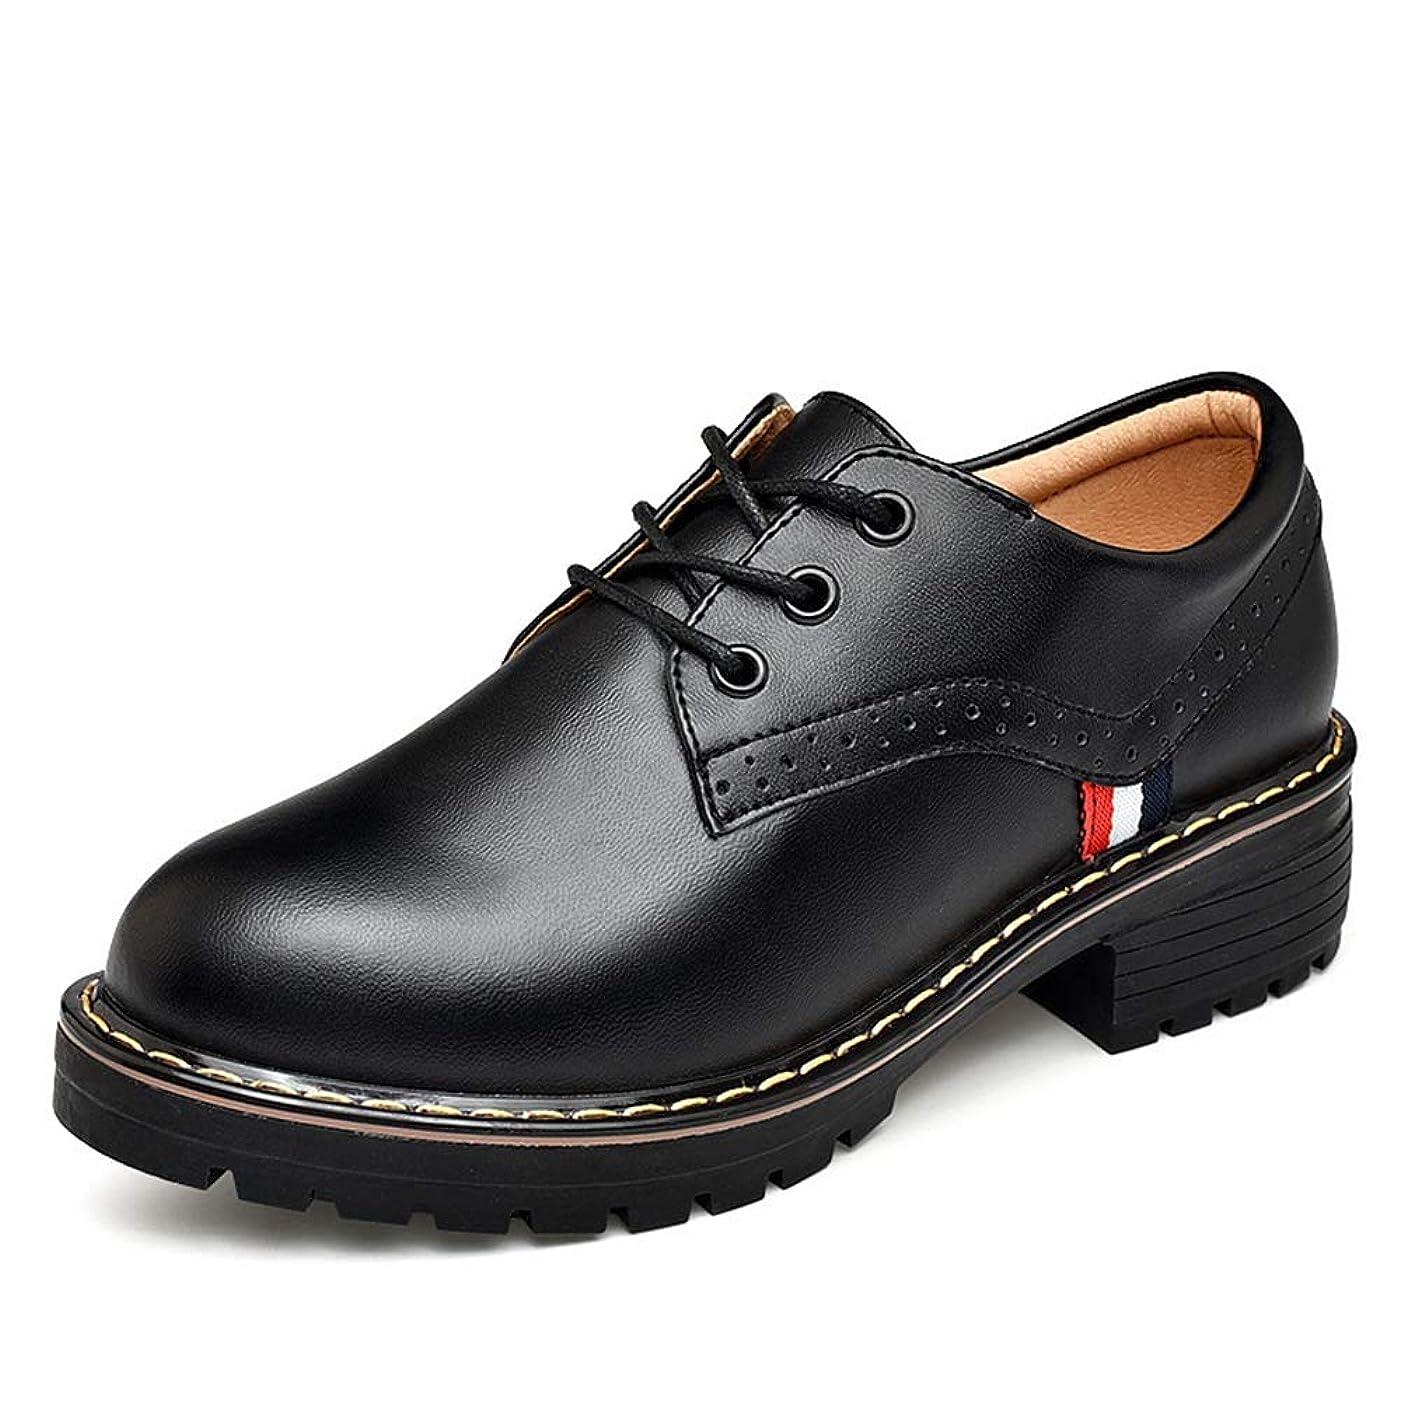 マーチャンダイジングハードウェアそして[イグル] フラットシューズ ウイングチップ レースアップ カジュアルシューズ ビジネスシューズ 靴 スニーカー ラウンドトゥ 軽量 疲れにくい 柔らかい 通勤 OL 快適 ローカット 革靴 オックスフォードシューズ